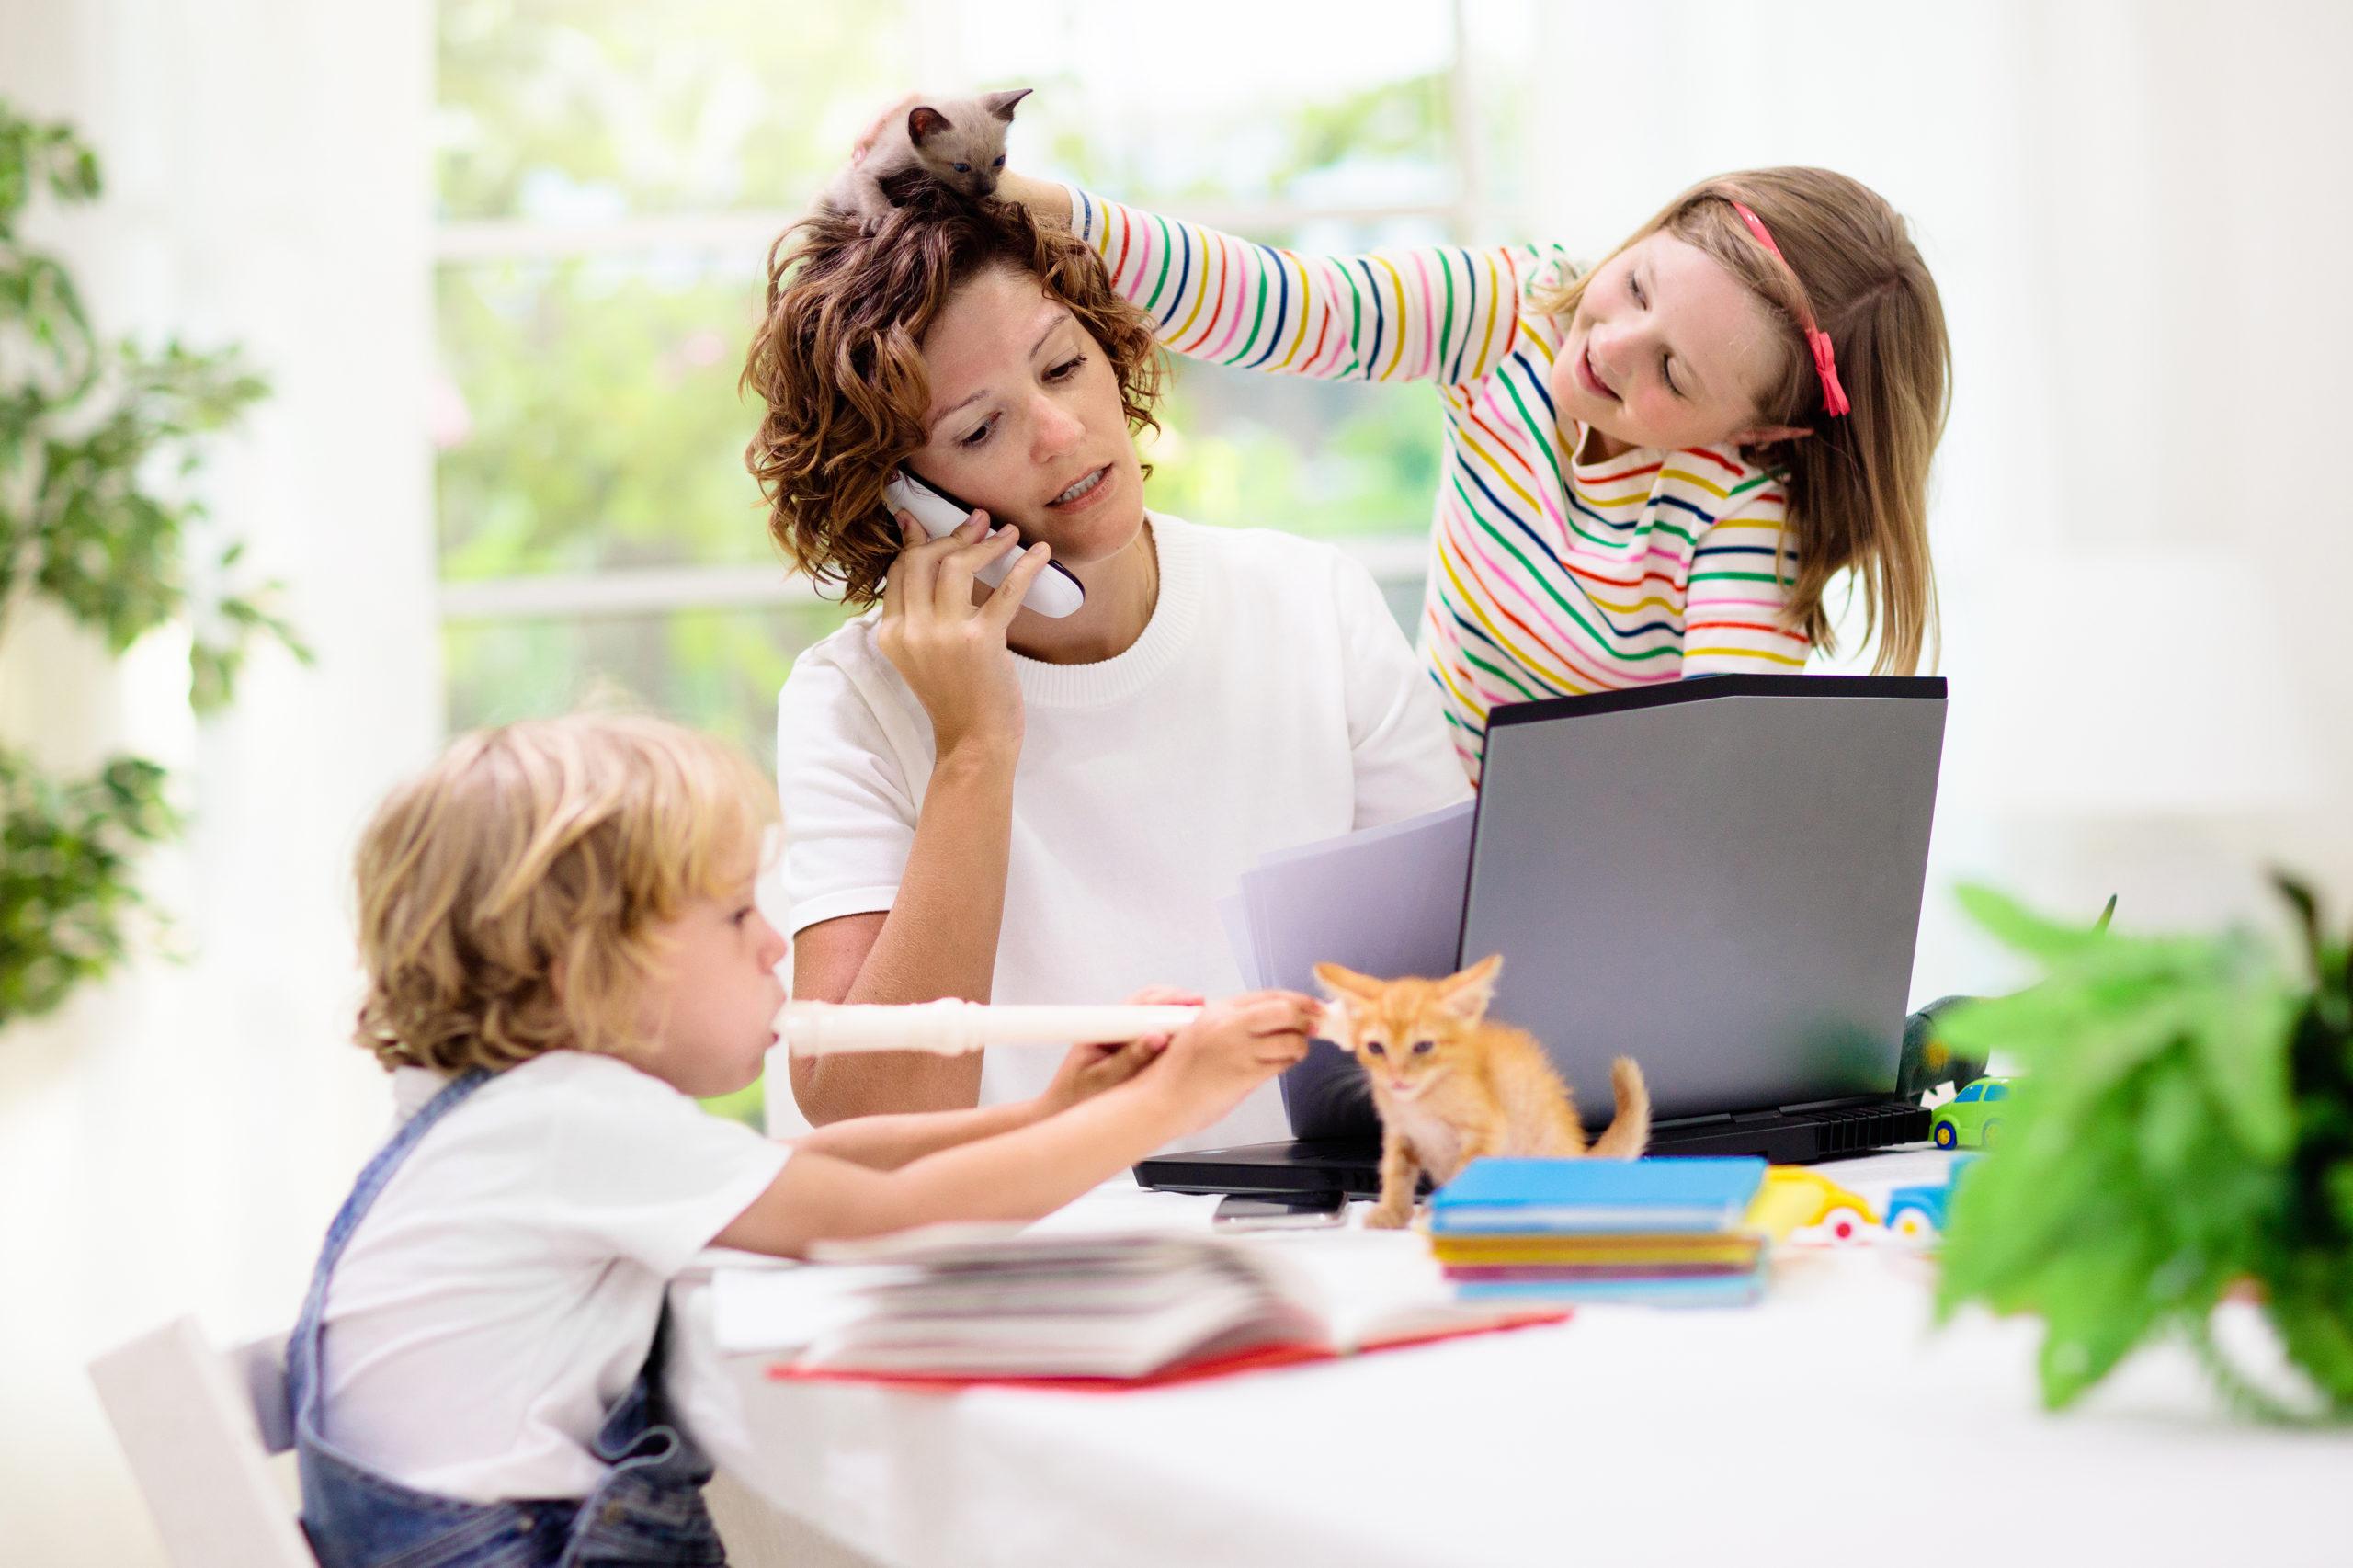 Будущее детей, Воспитание детей, определить способности ребенка, определить таланты ребенка, кружки для ребенка, помощь ребенку в выборе профессии